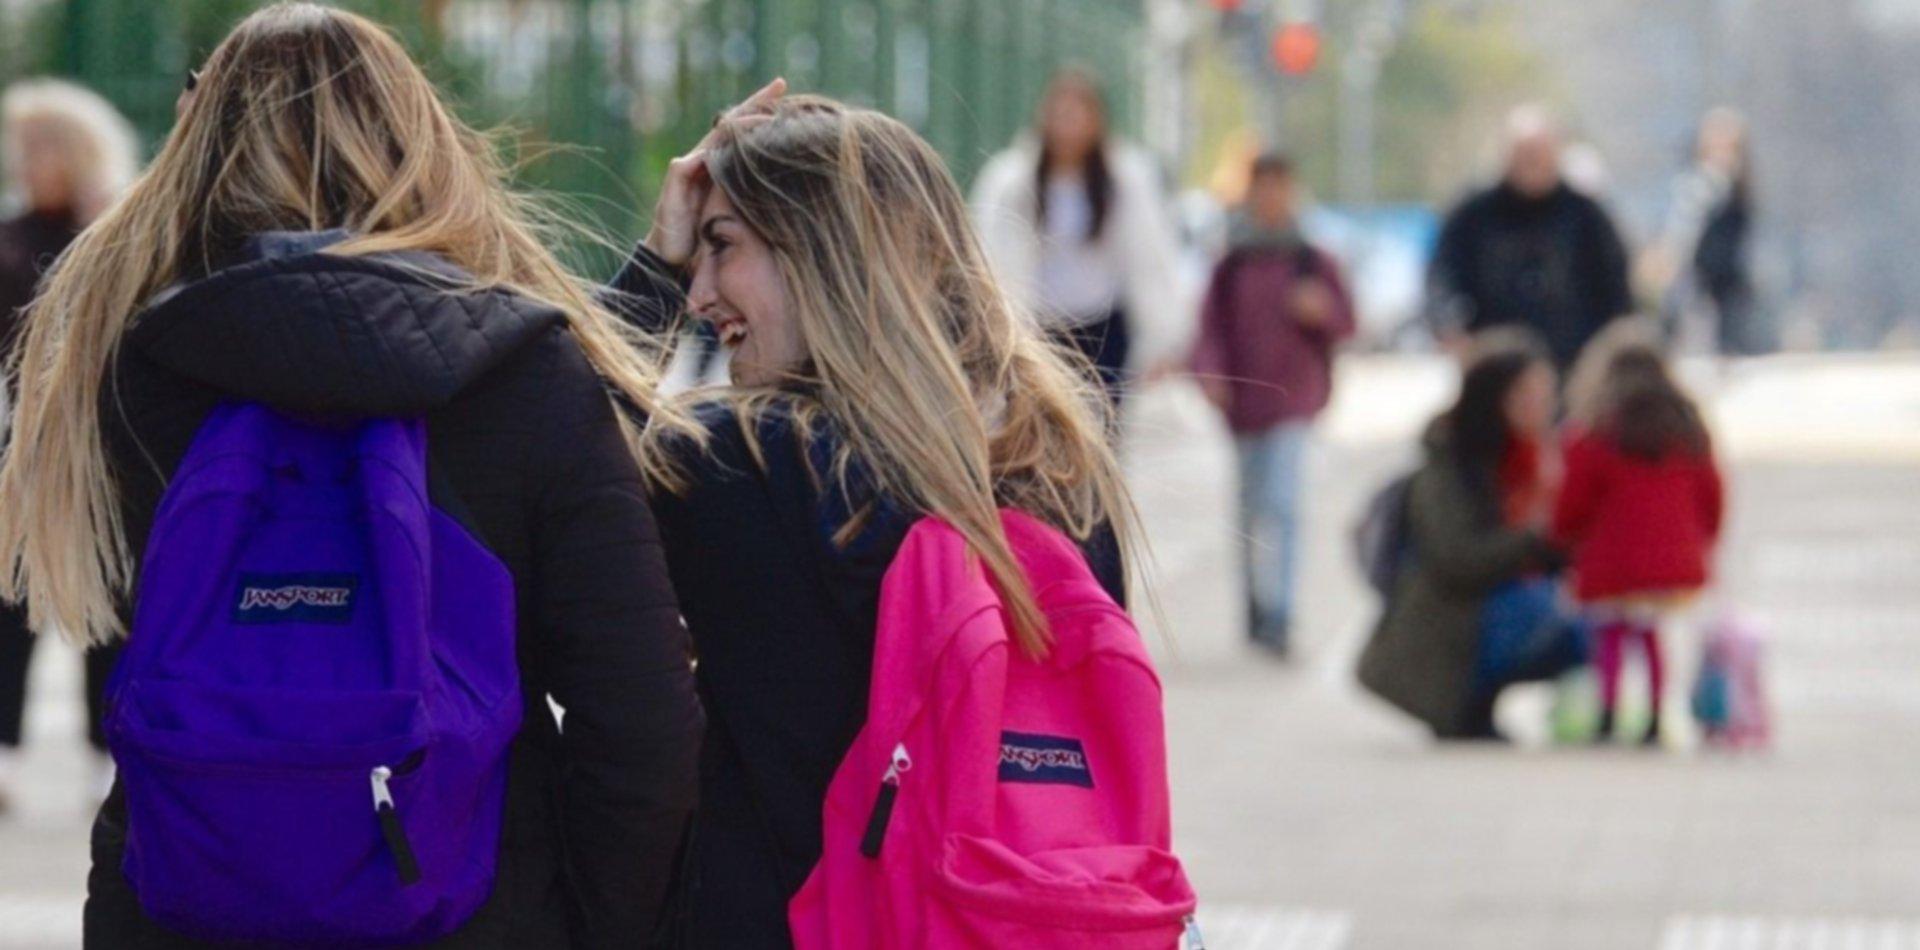 Provincia habilitó a escuelas privadas que tienen un aporte estatal a subir las cuotas